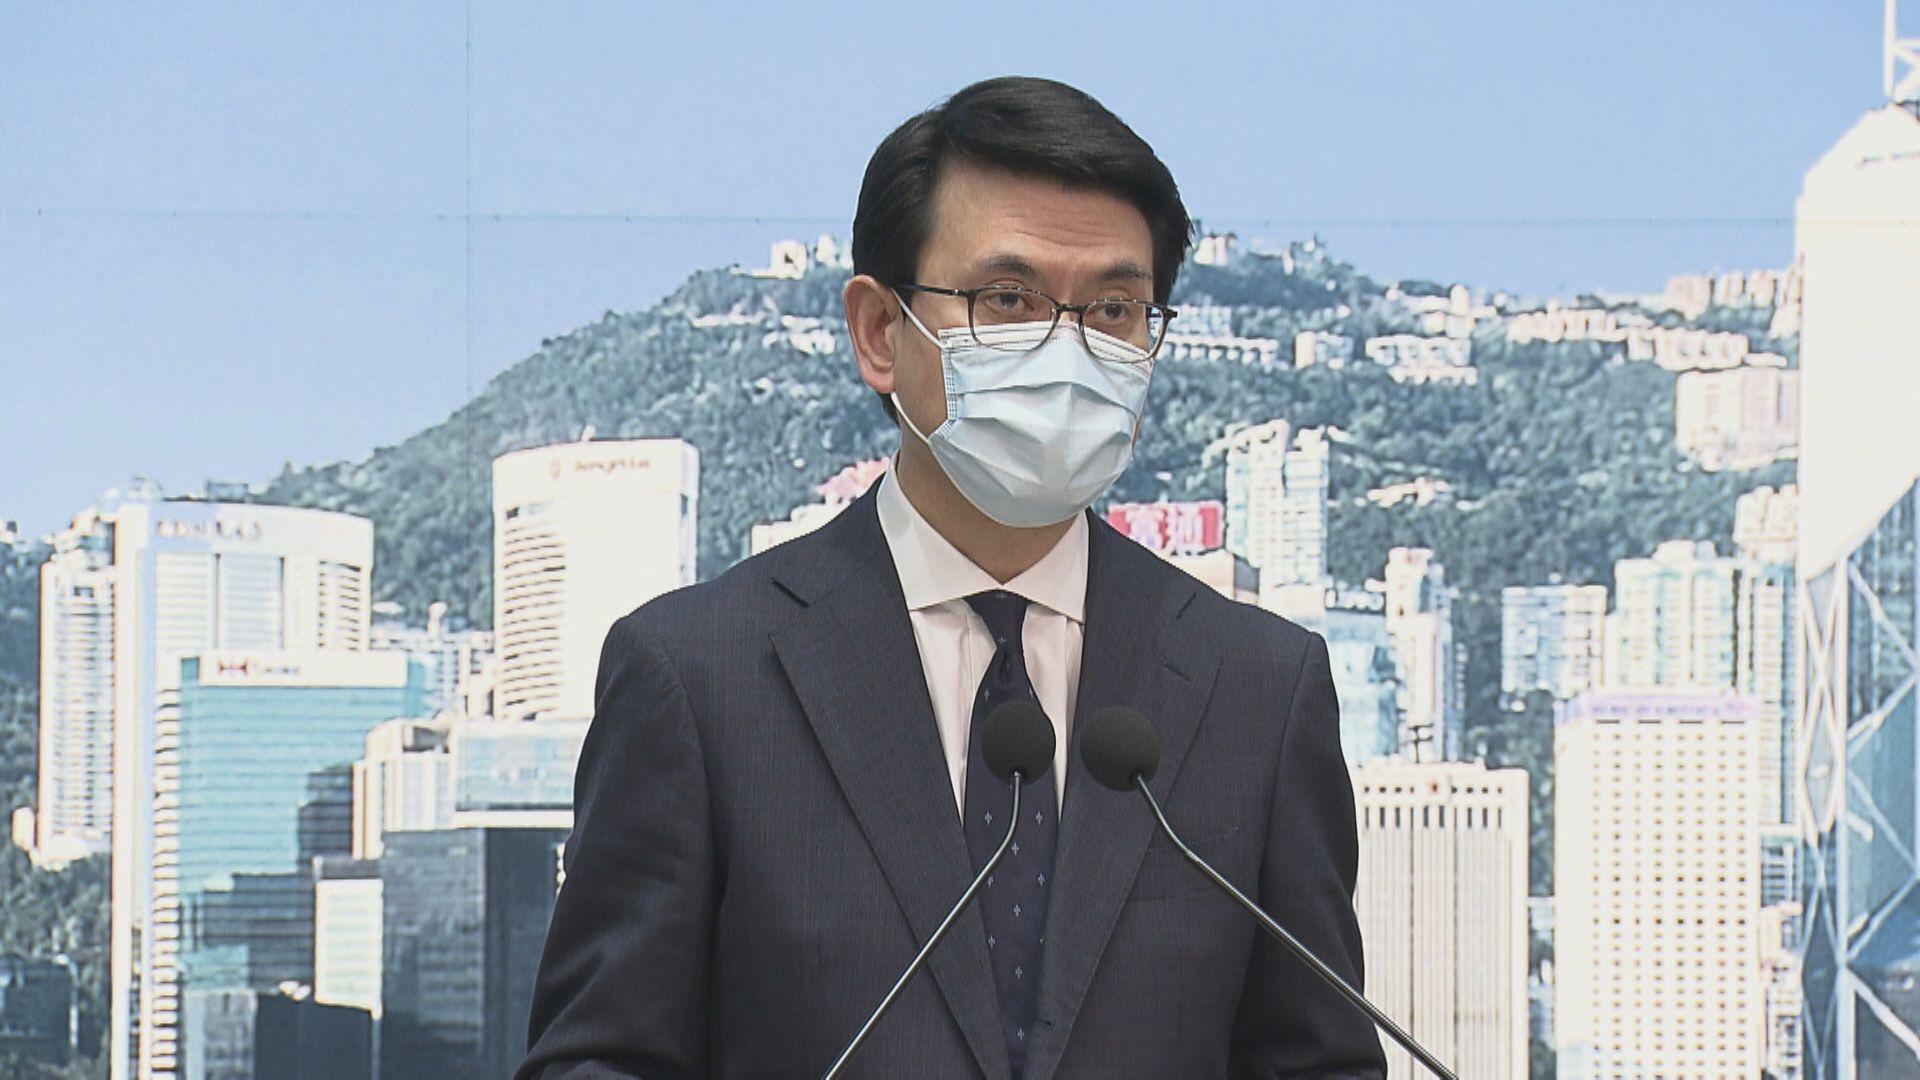 美禁「香港製造」標籤 邱騰華:已向美方提反對